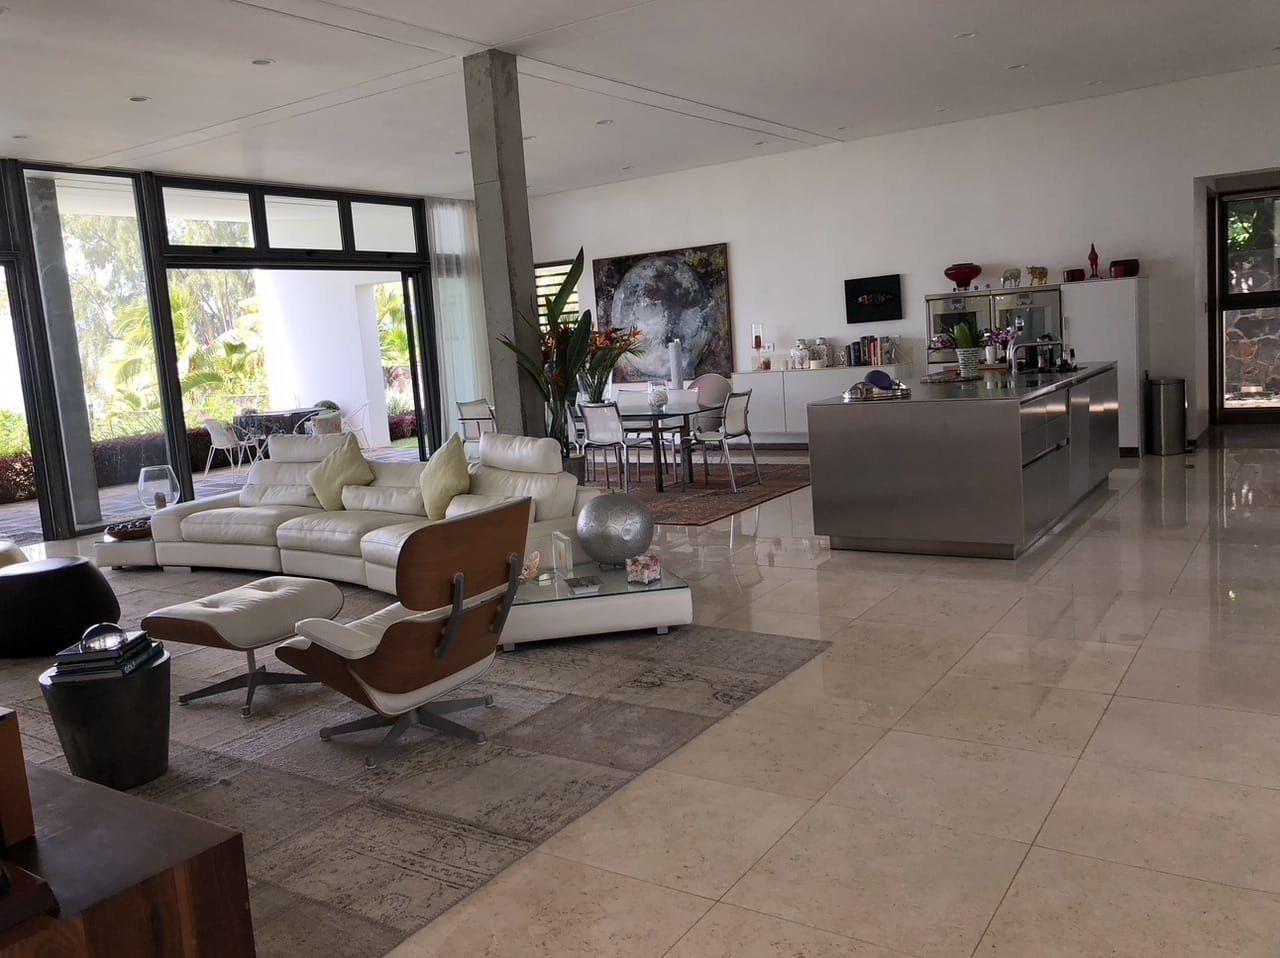 Maison à vendre 5 3657.57m2 à Ile Maurice vignette-4